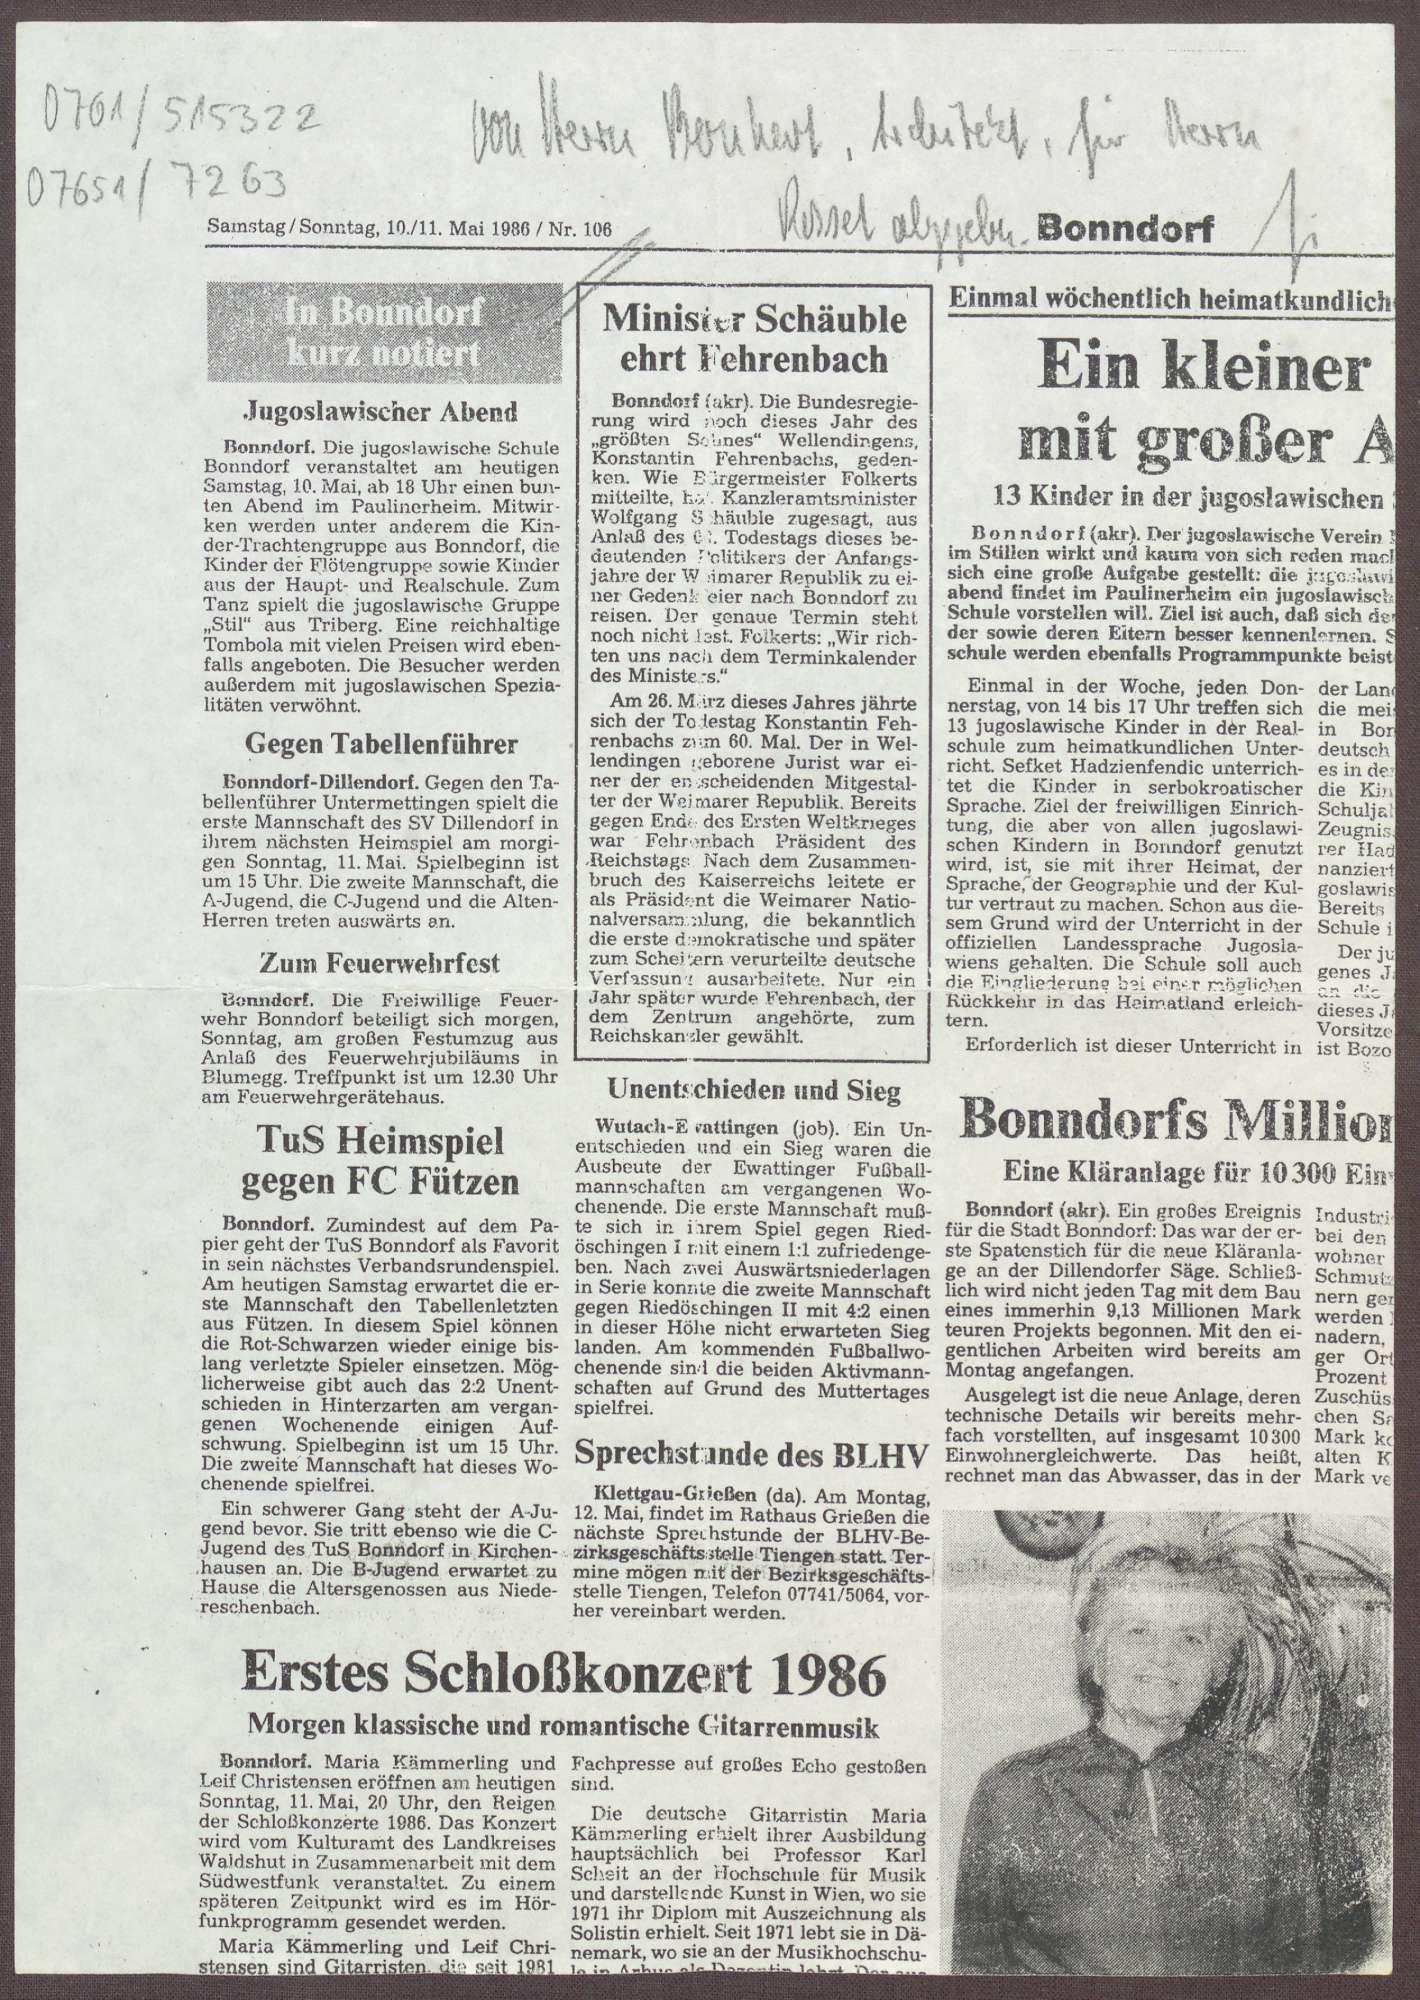 """Zeitungsausschnitt: """"Minister Schäuble ehrt Fehrenbach"""" über den 60. Todestag von Constantin Fehrenbach in Bonndorf, Bild 1"""